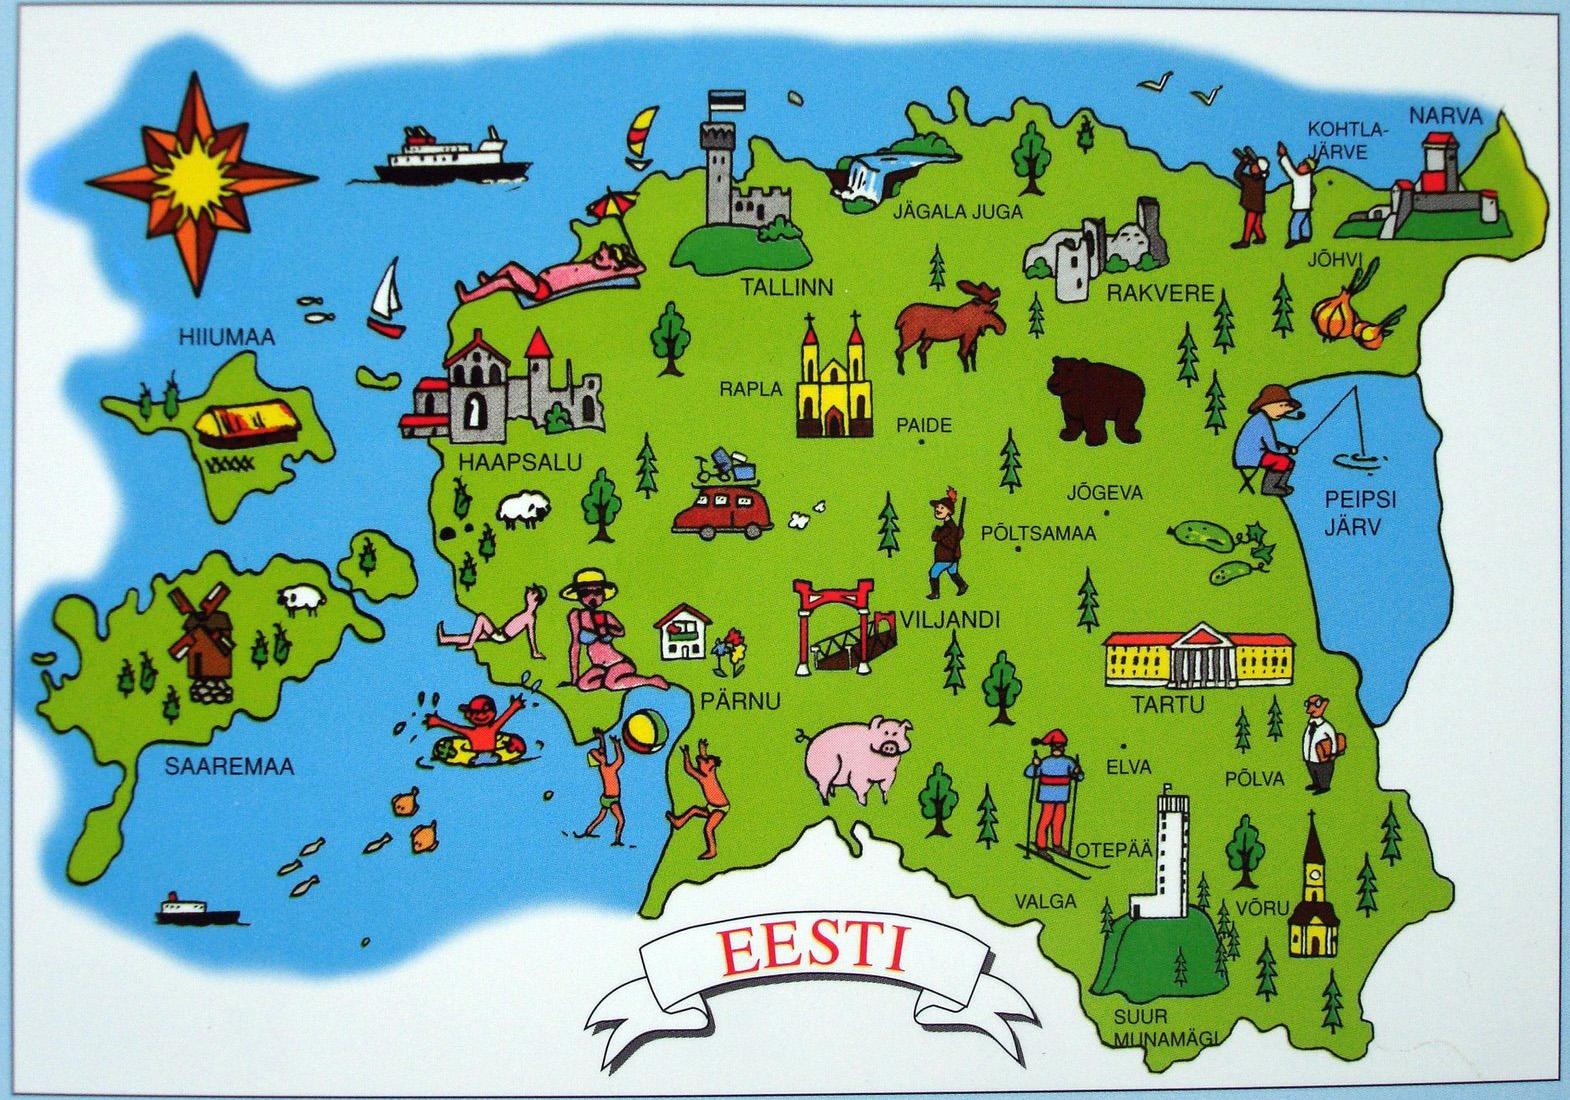 Estonia: Click to enlarge